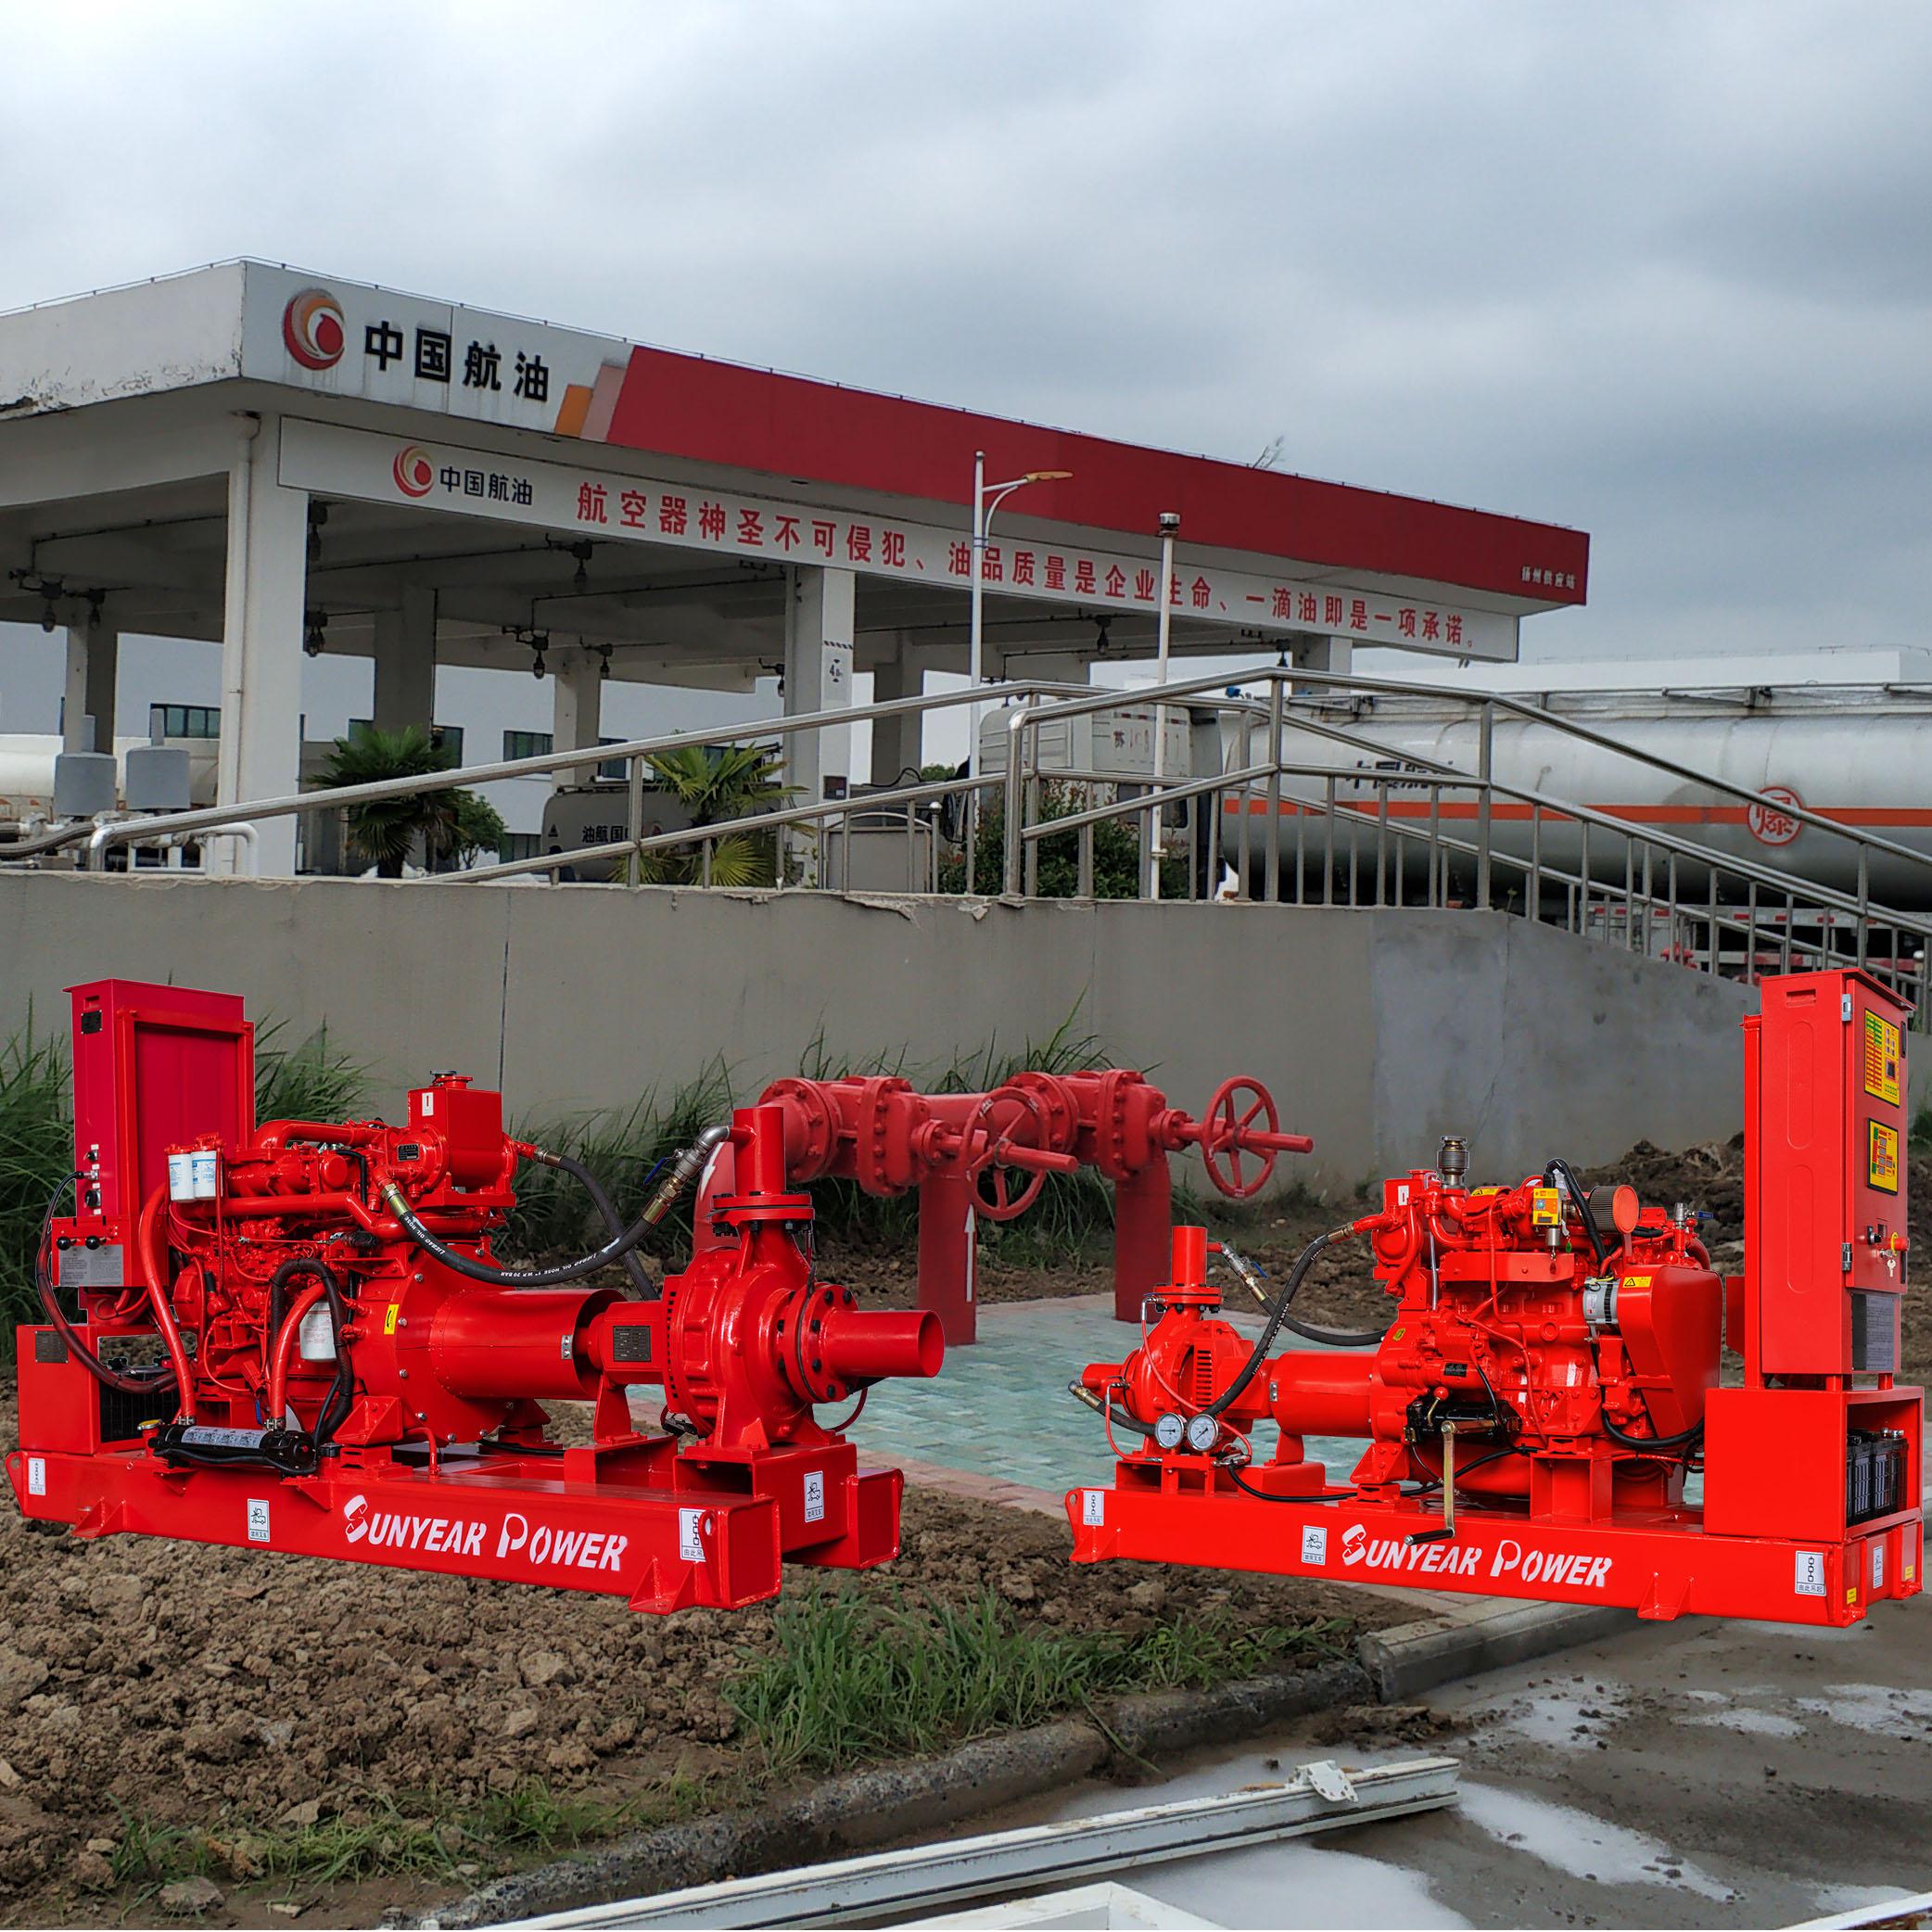 三业科技两台柴油机消防泵 应用于扬州泰州国际机场中航油油库